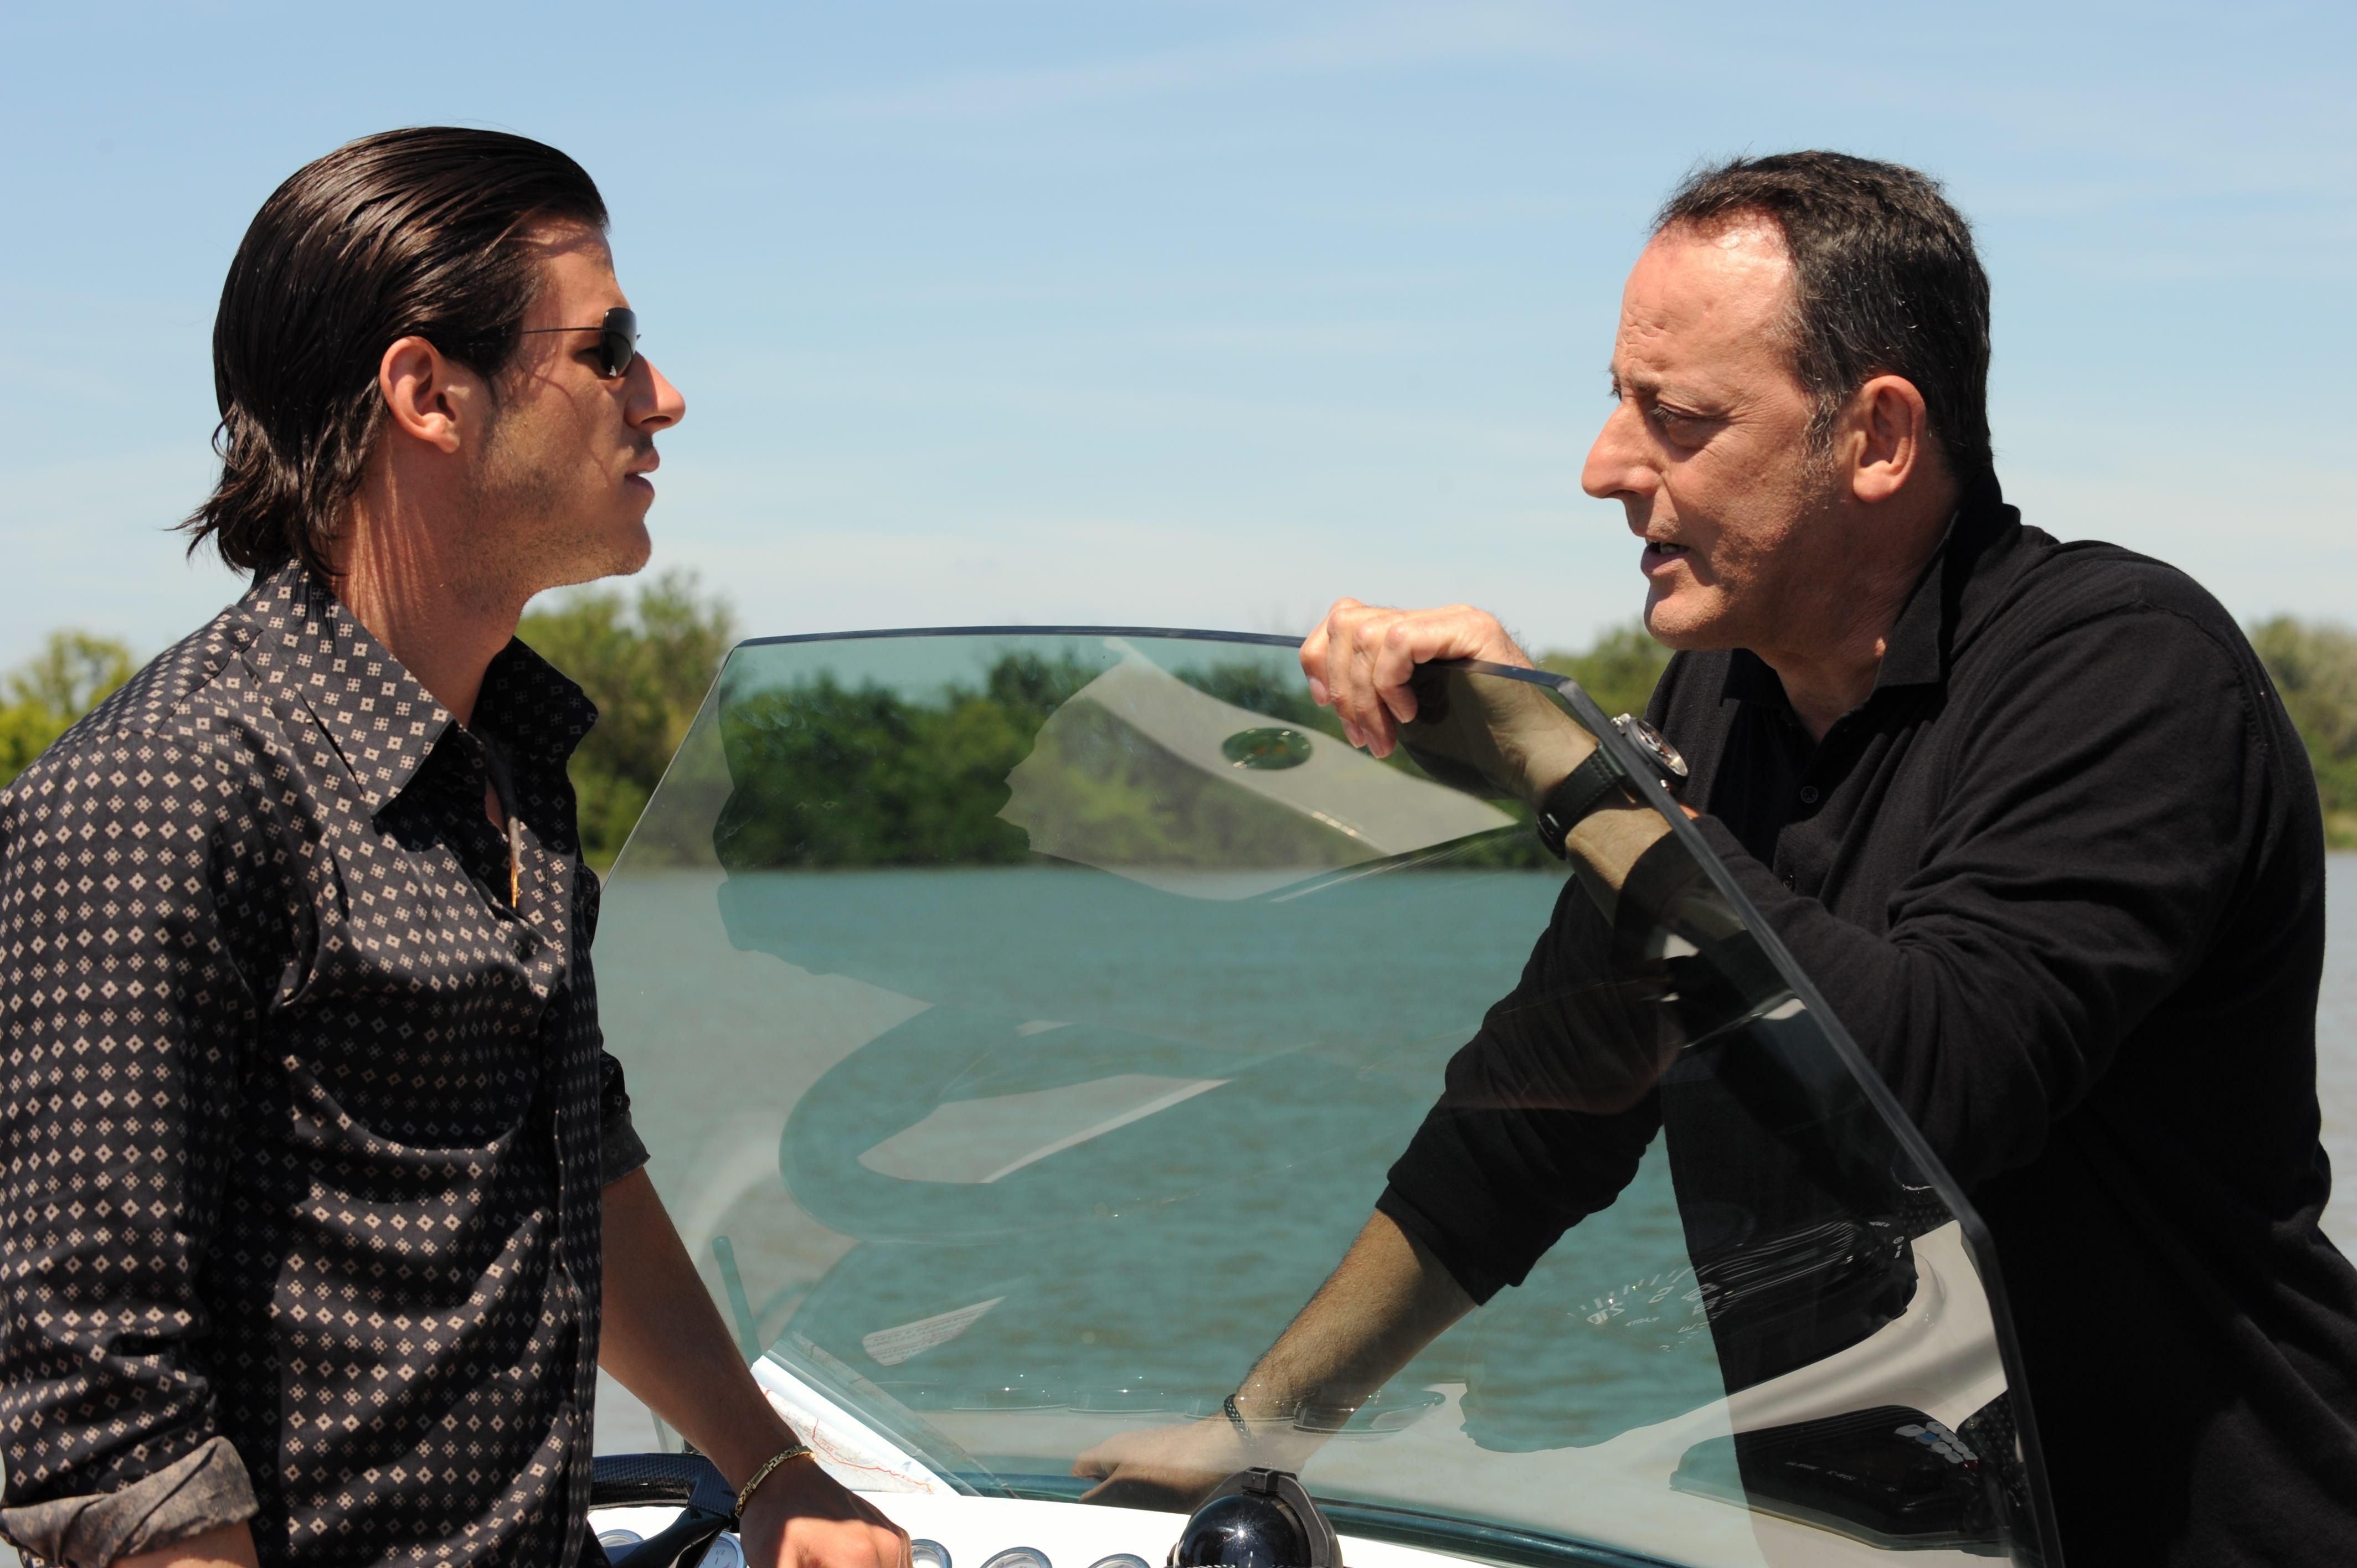 Ein Enger Kreis Film 2009 Trailer Kritik Kinode